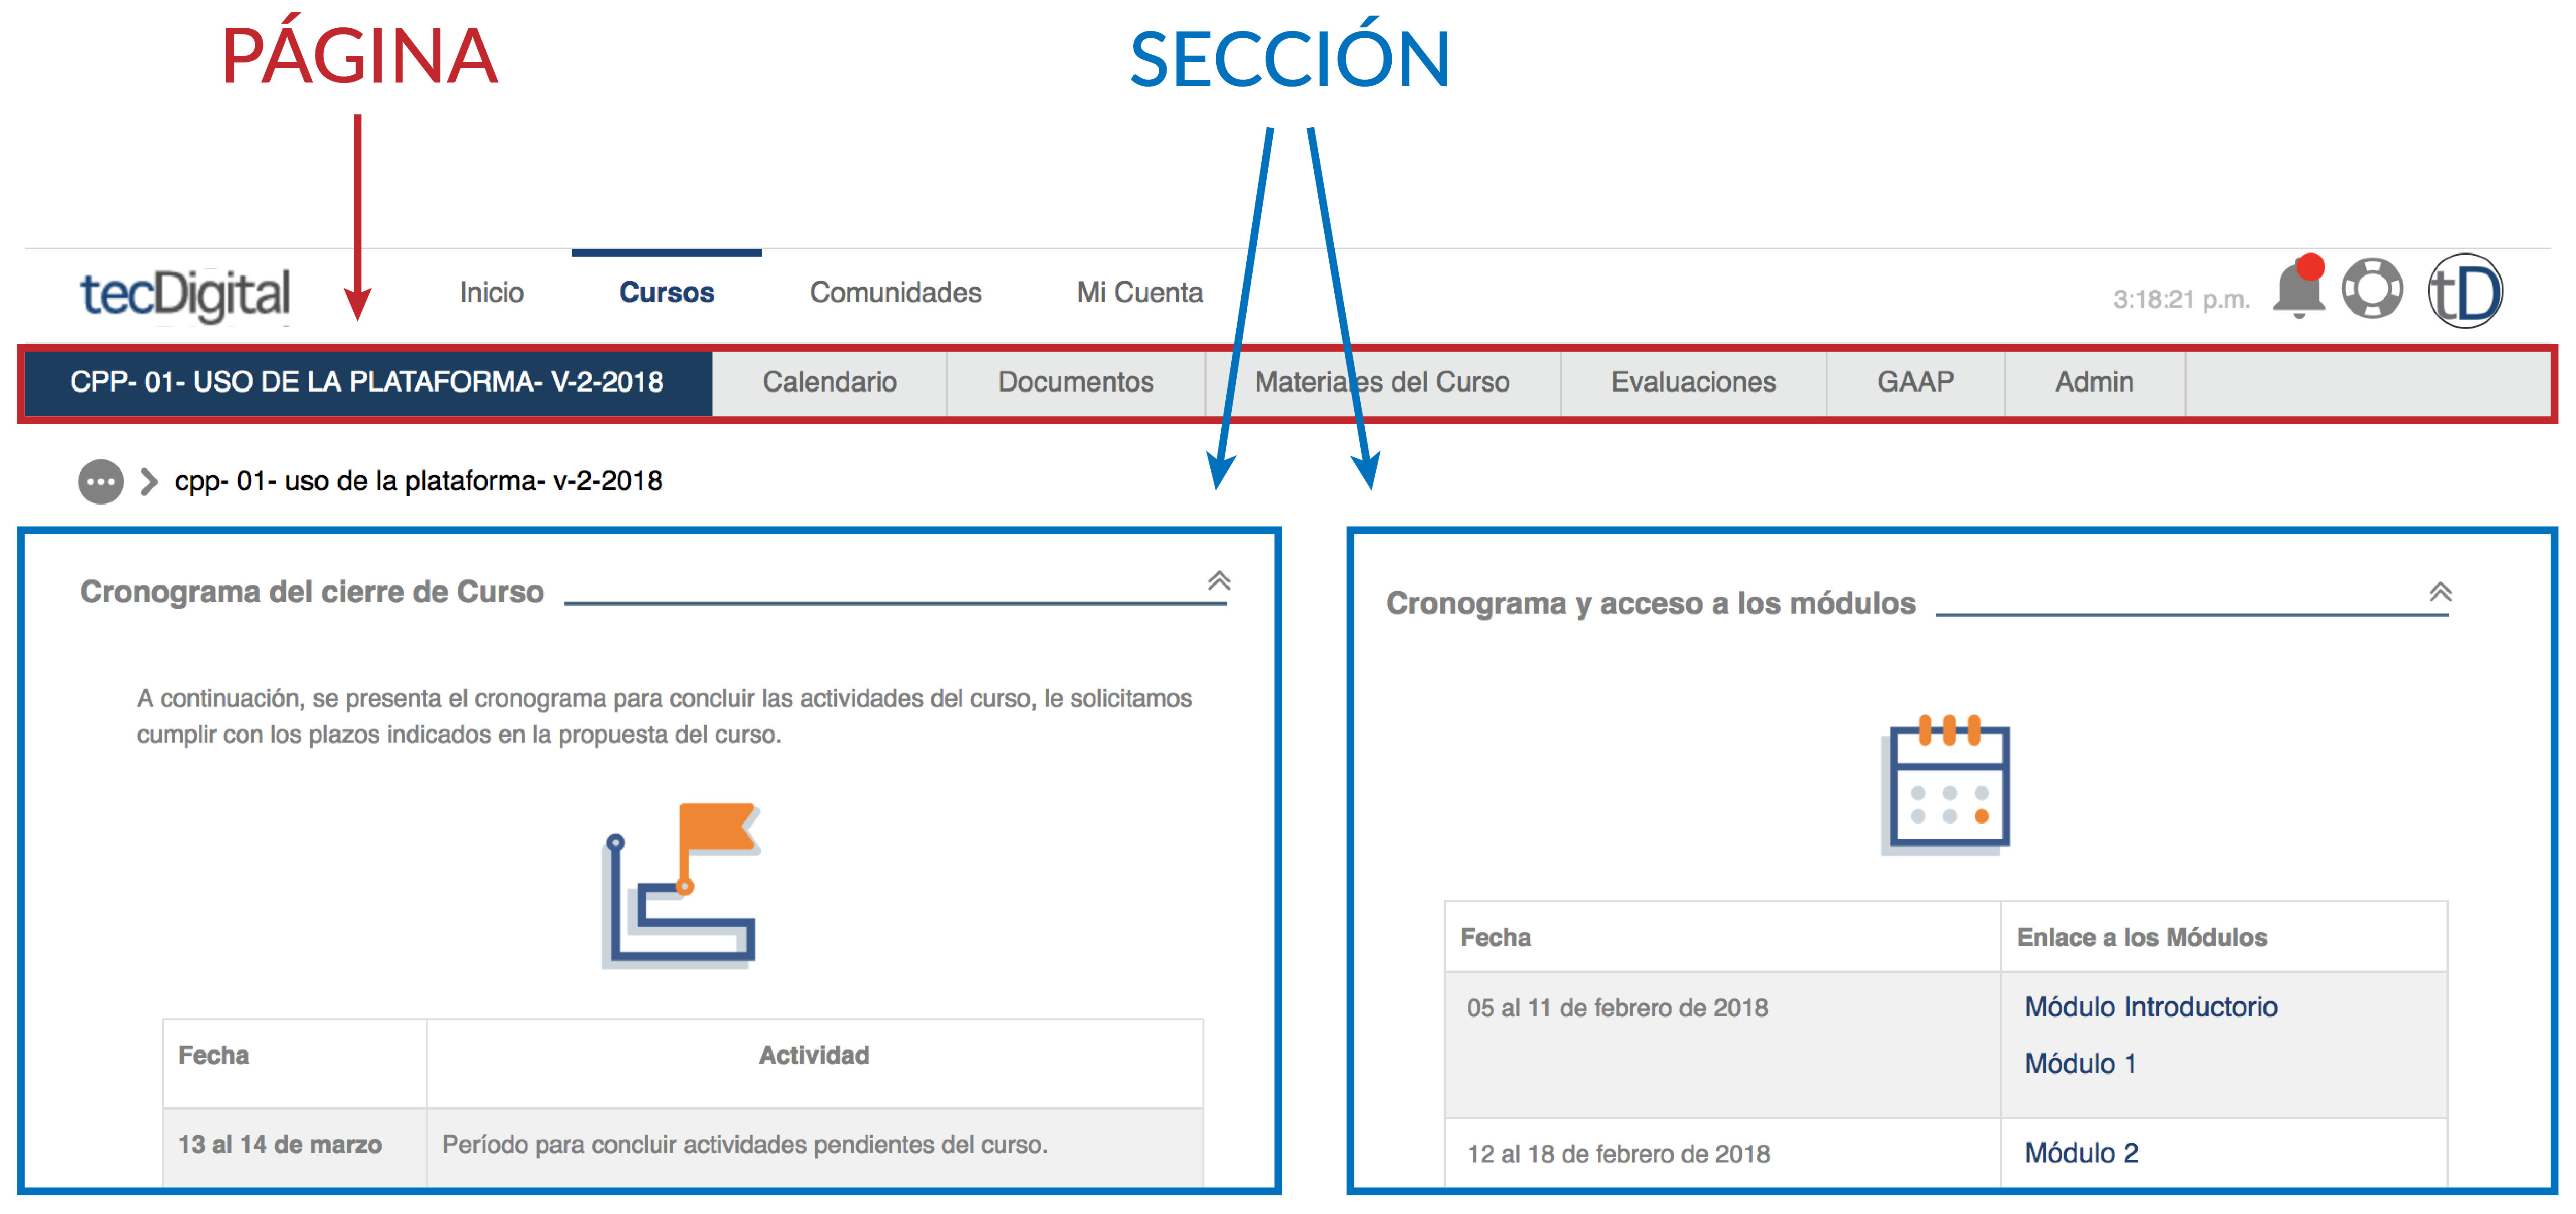 identificación de partes en la plataforma, página y sección